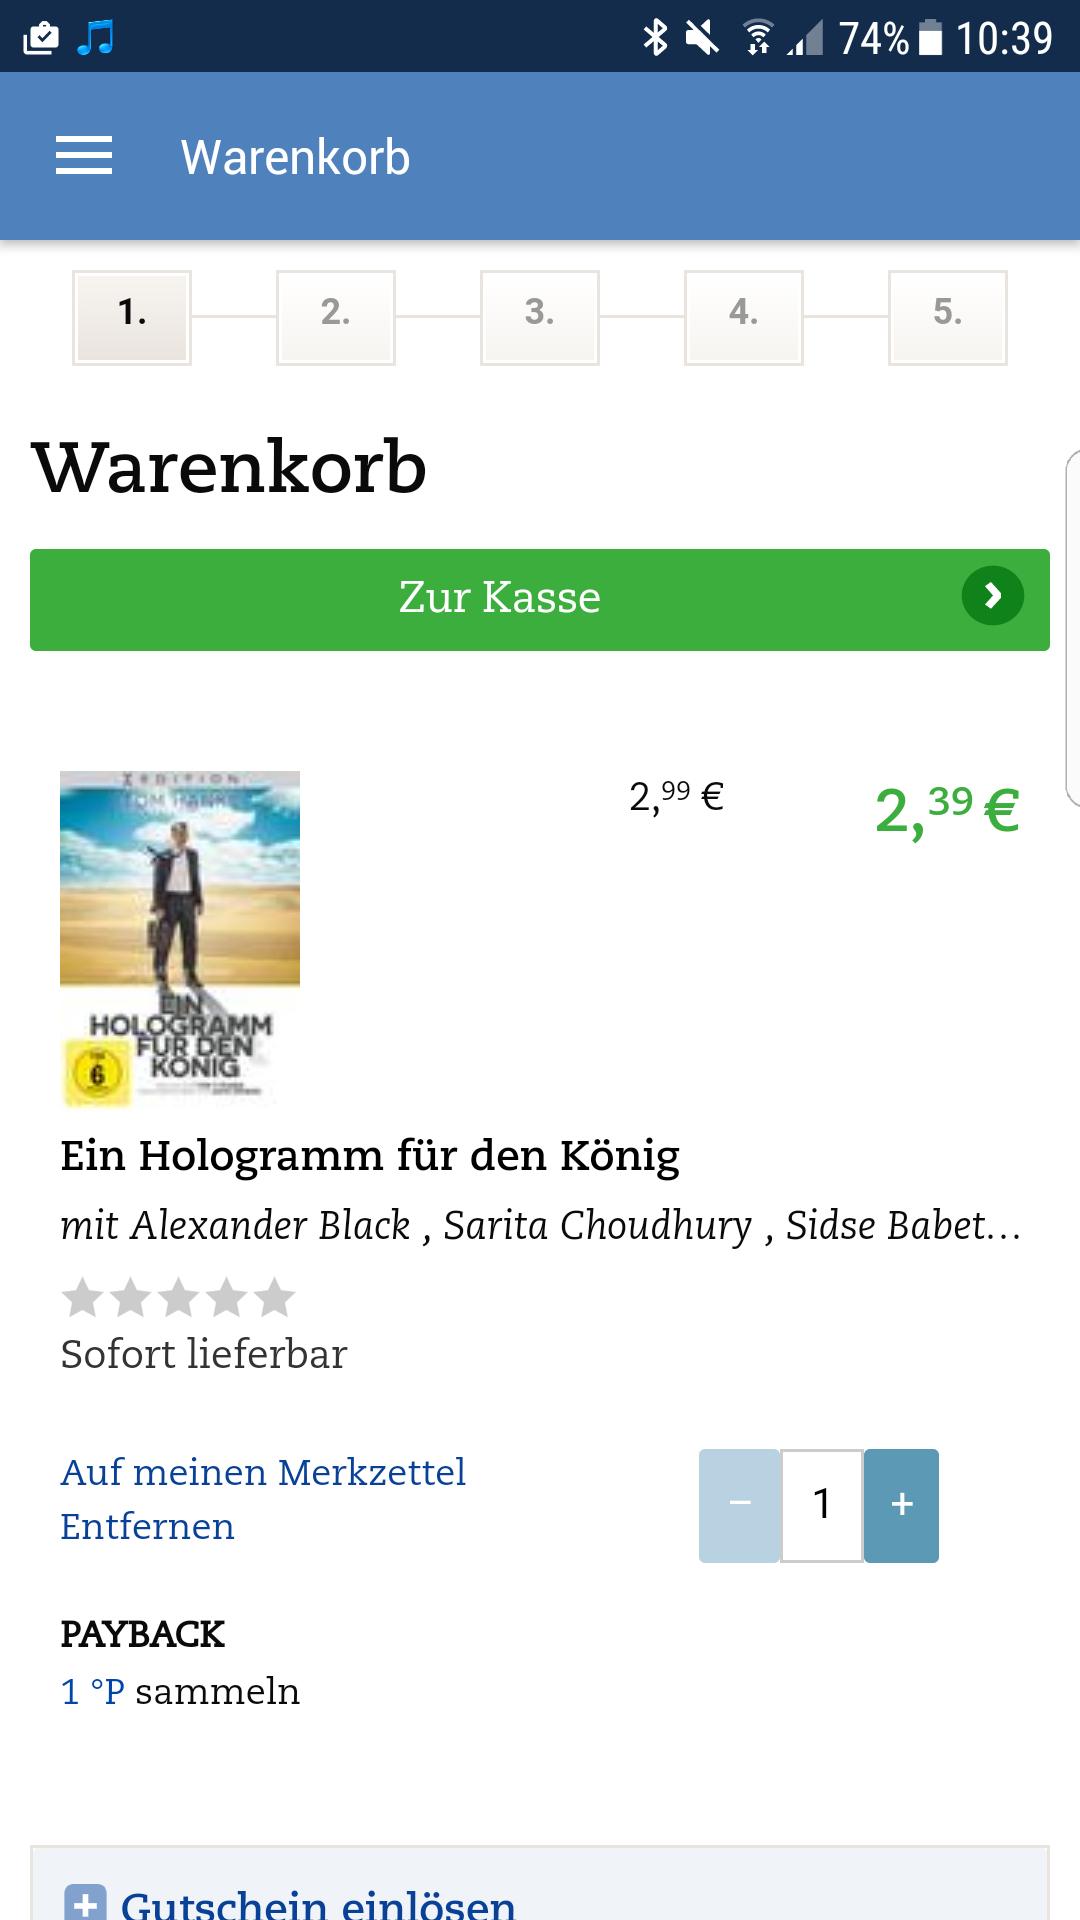 Tom Hanks - Ein Hologramm für den König DVD ( Thalia App)